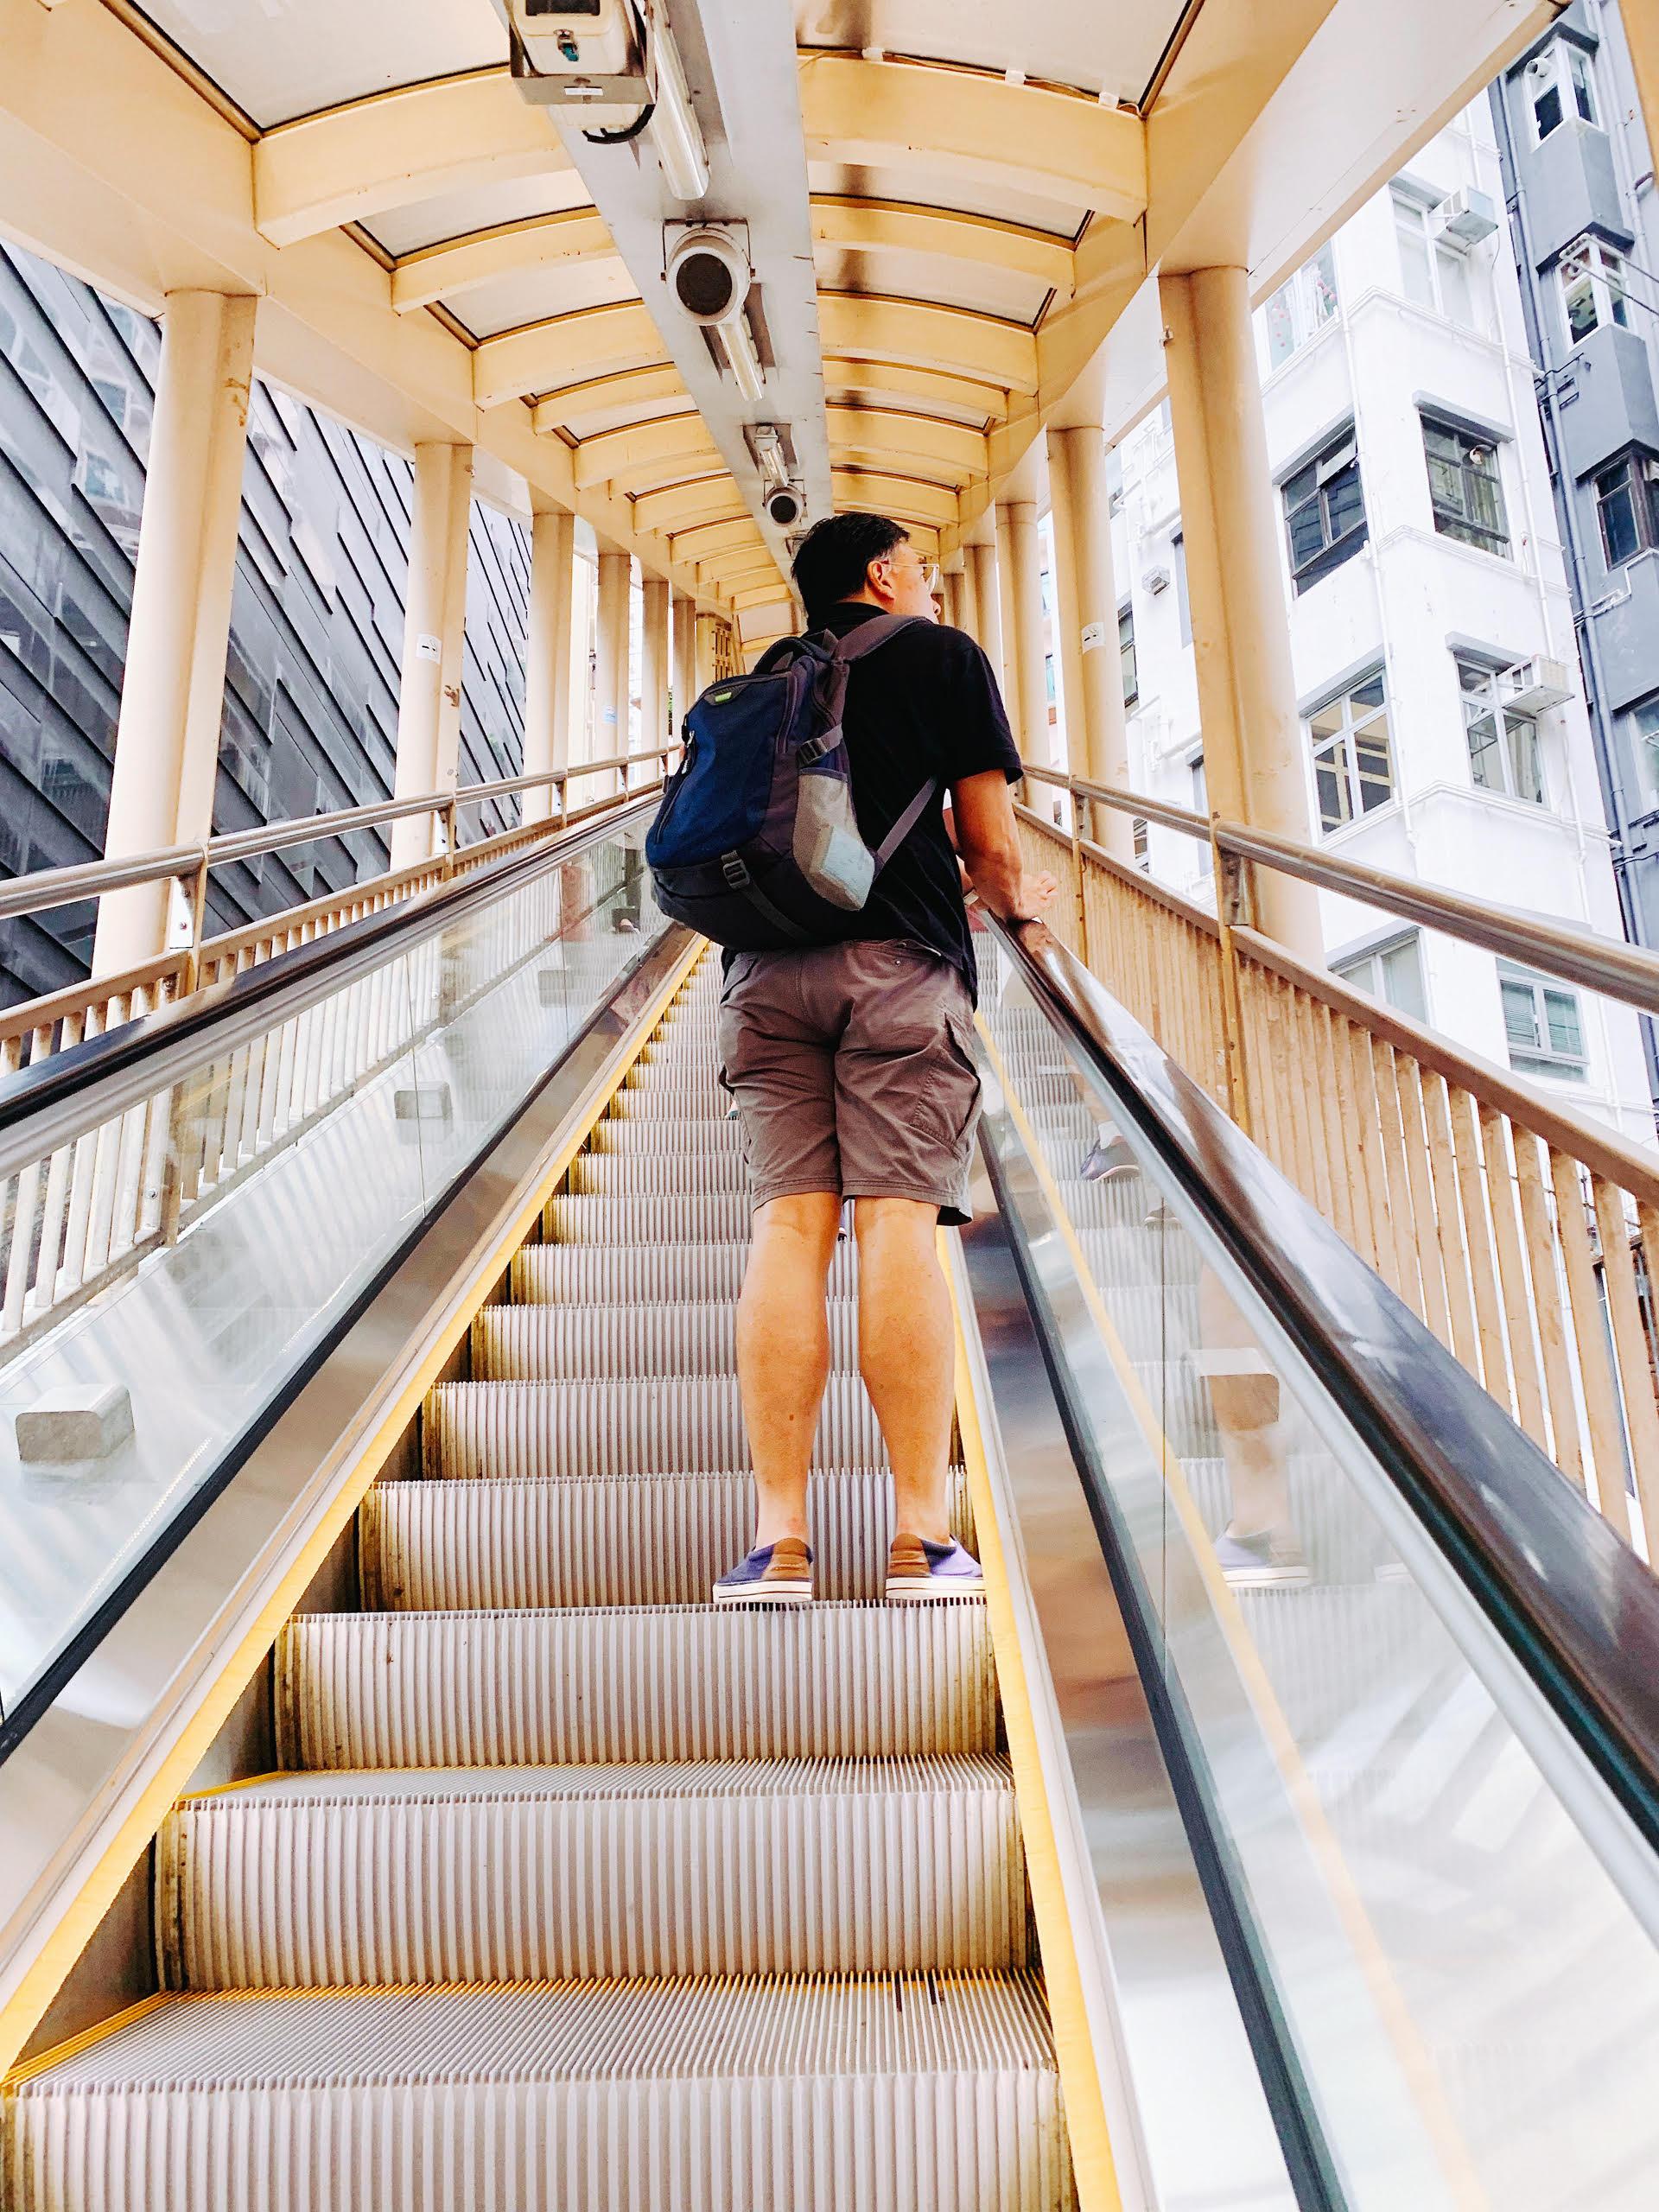 Mid Levels Escalator